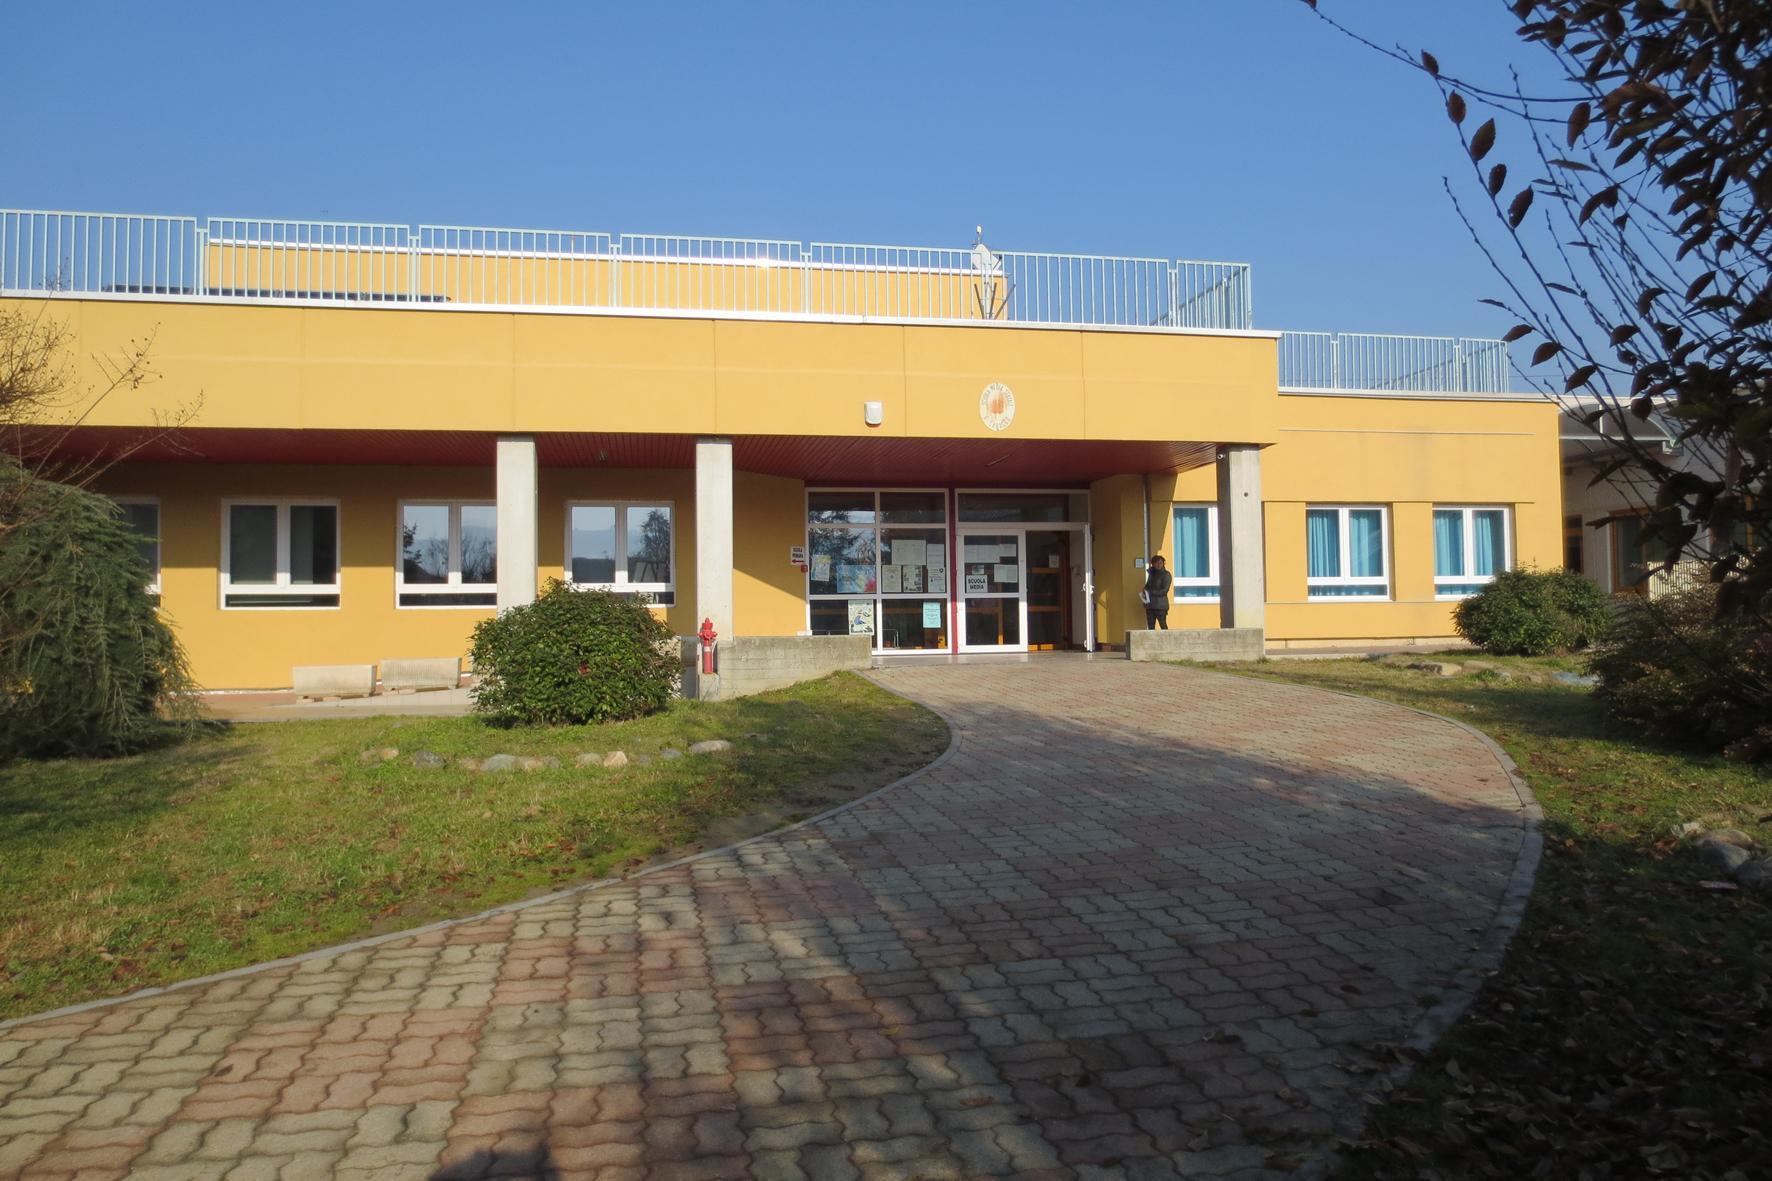 Scuola Giulio Monteverde (Bistagno, AL)